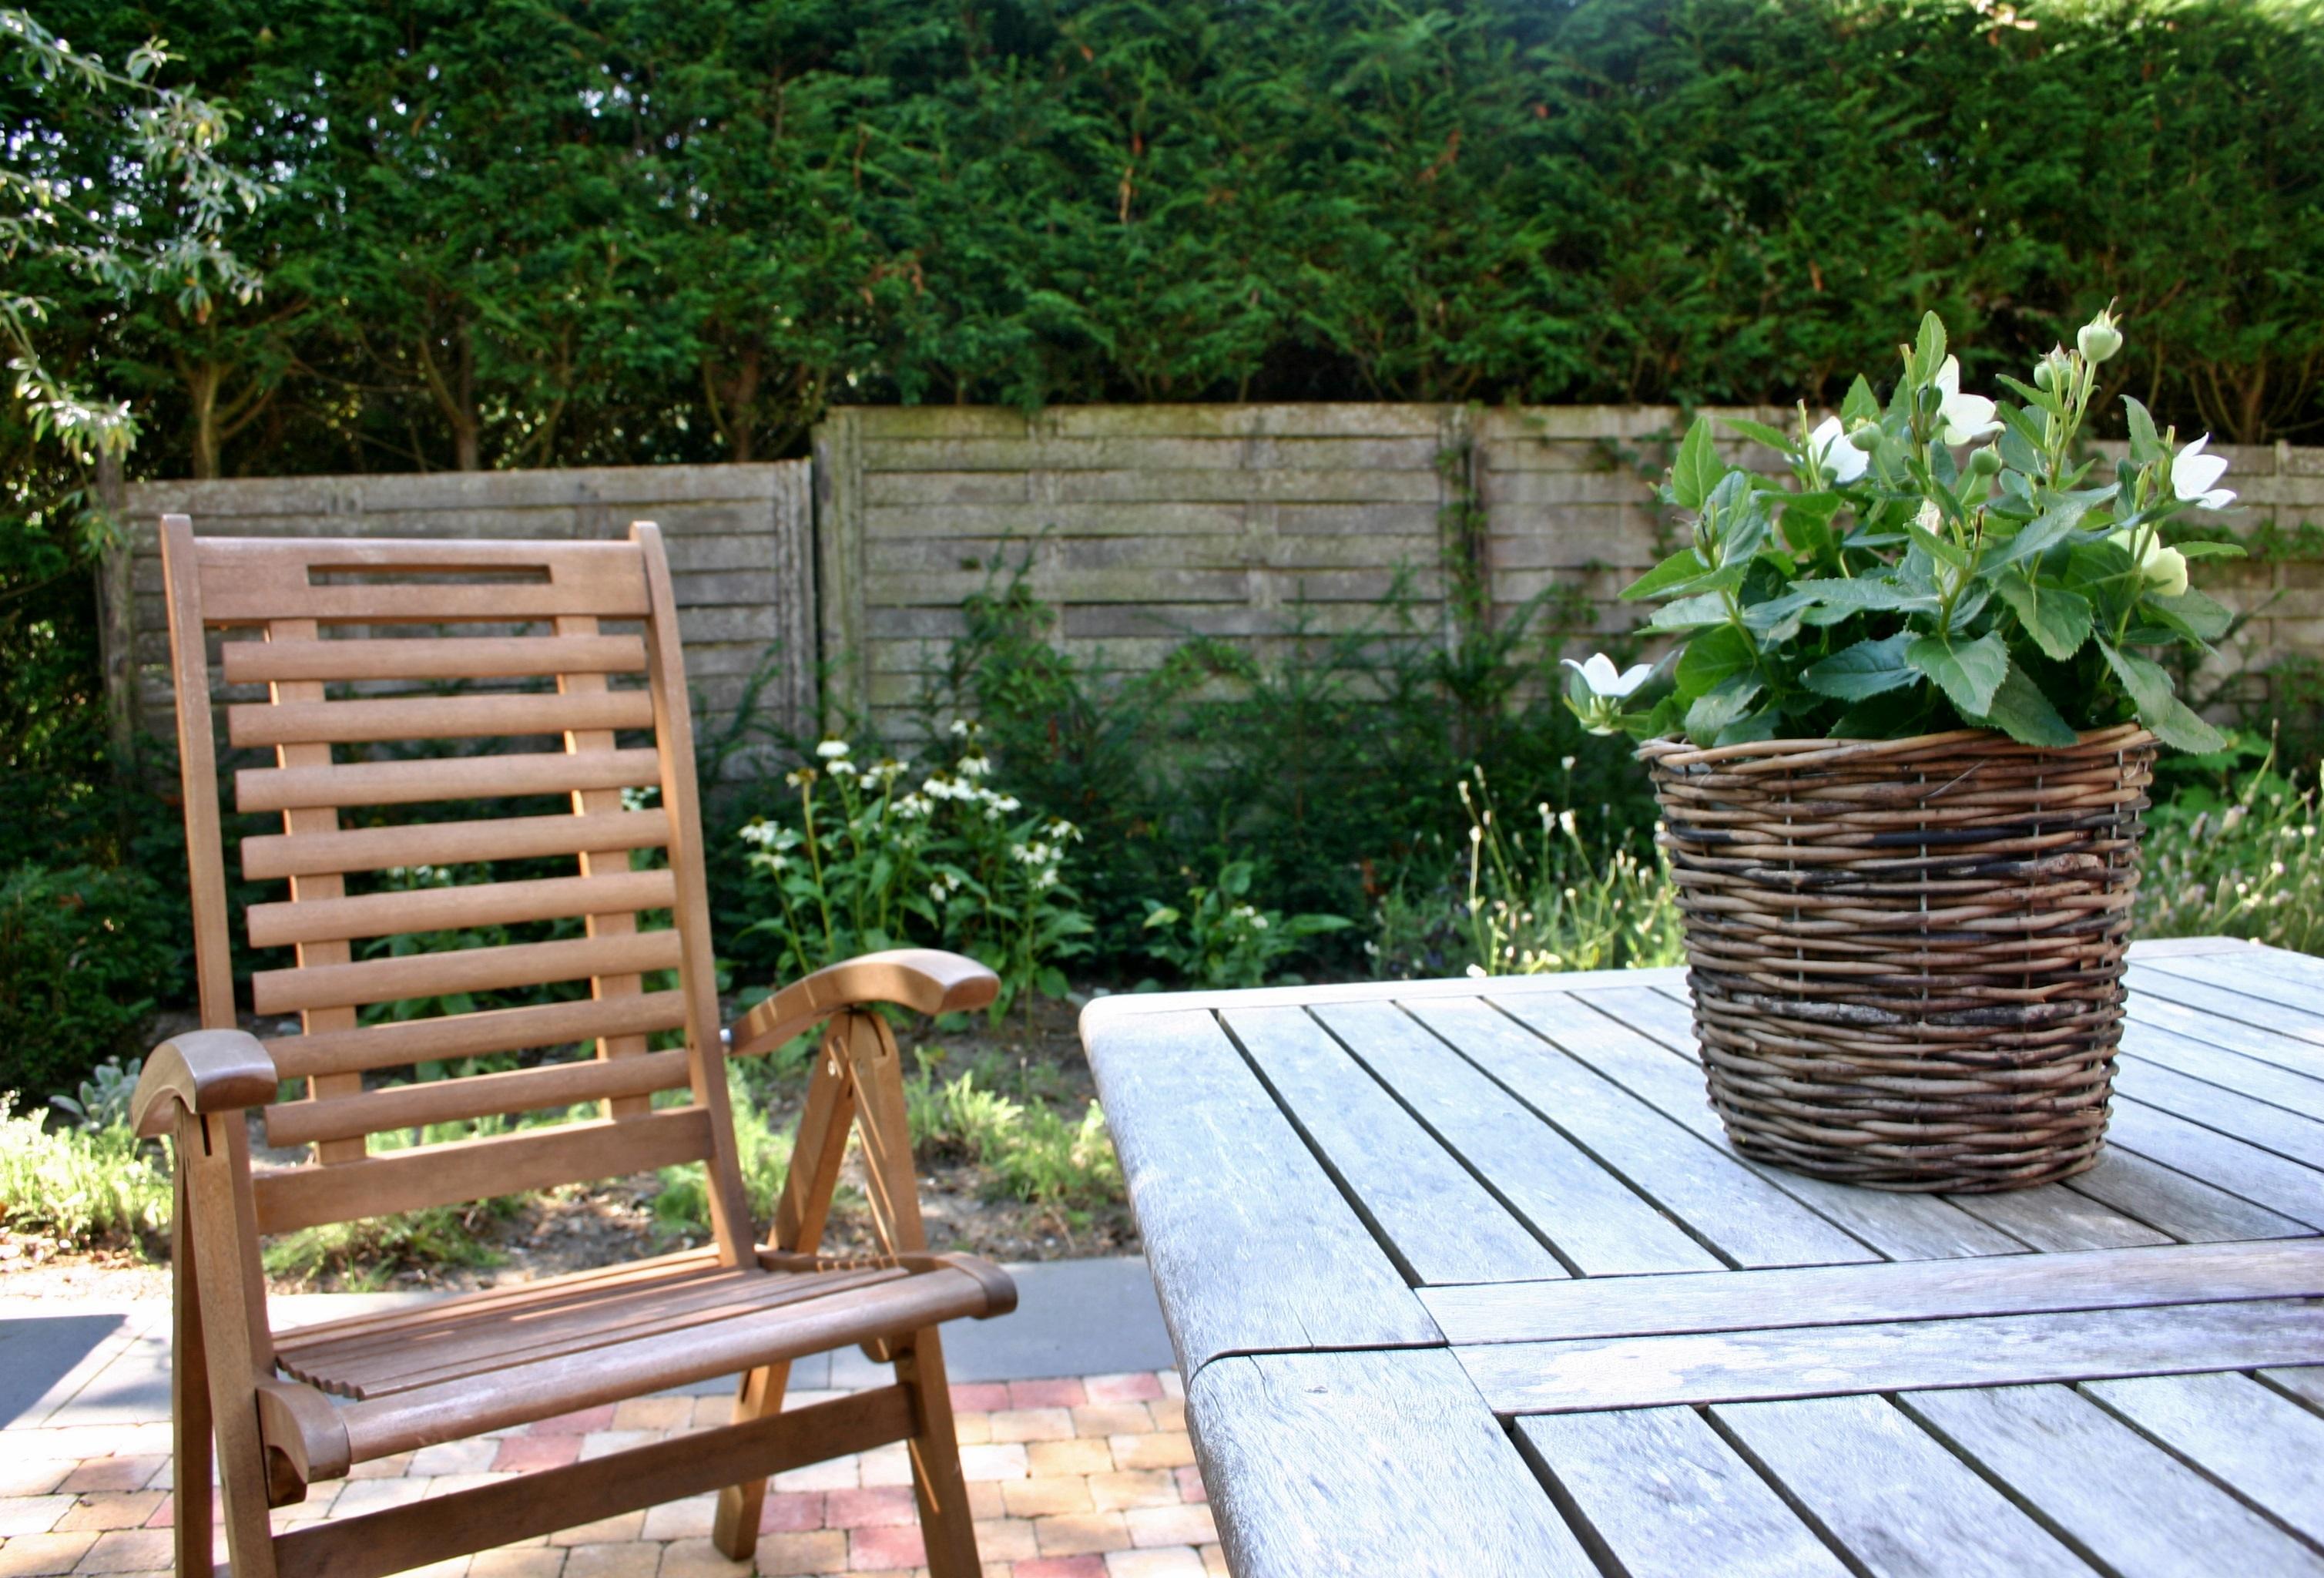 fotos gratis mesa cubierta madera csped flor silla asiento porche decoracin cabaa patio interior descanso mueble relajacin fuera yarda